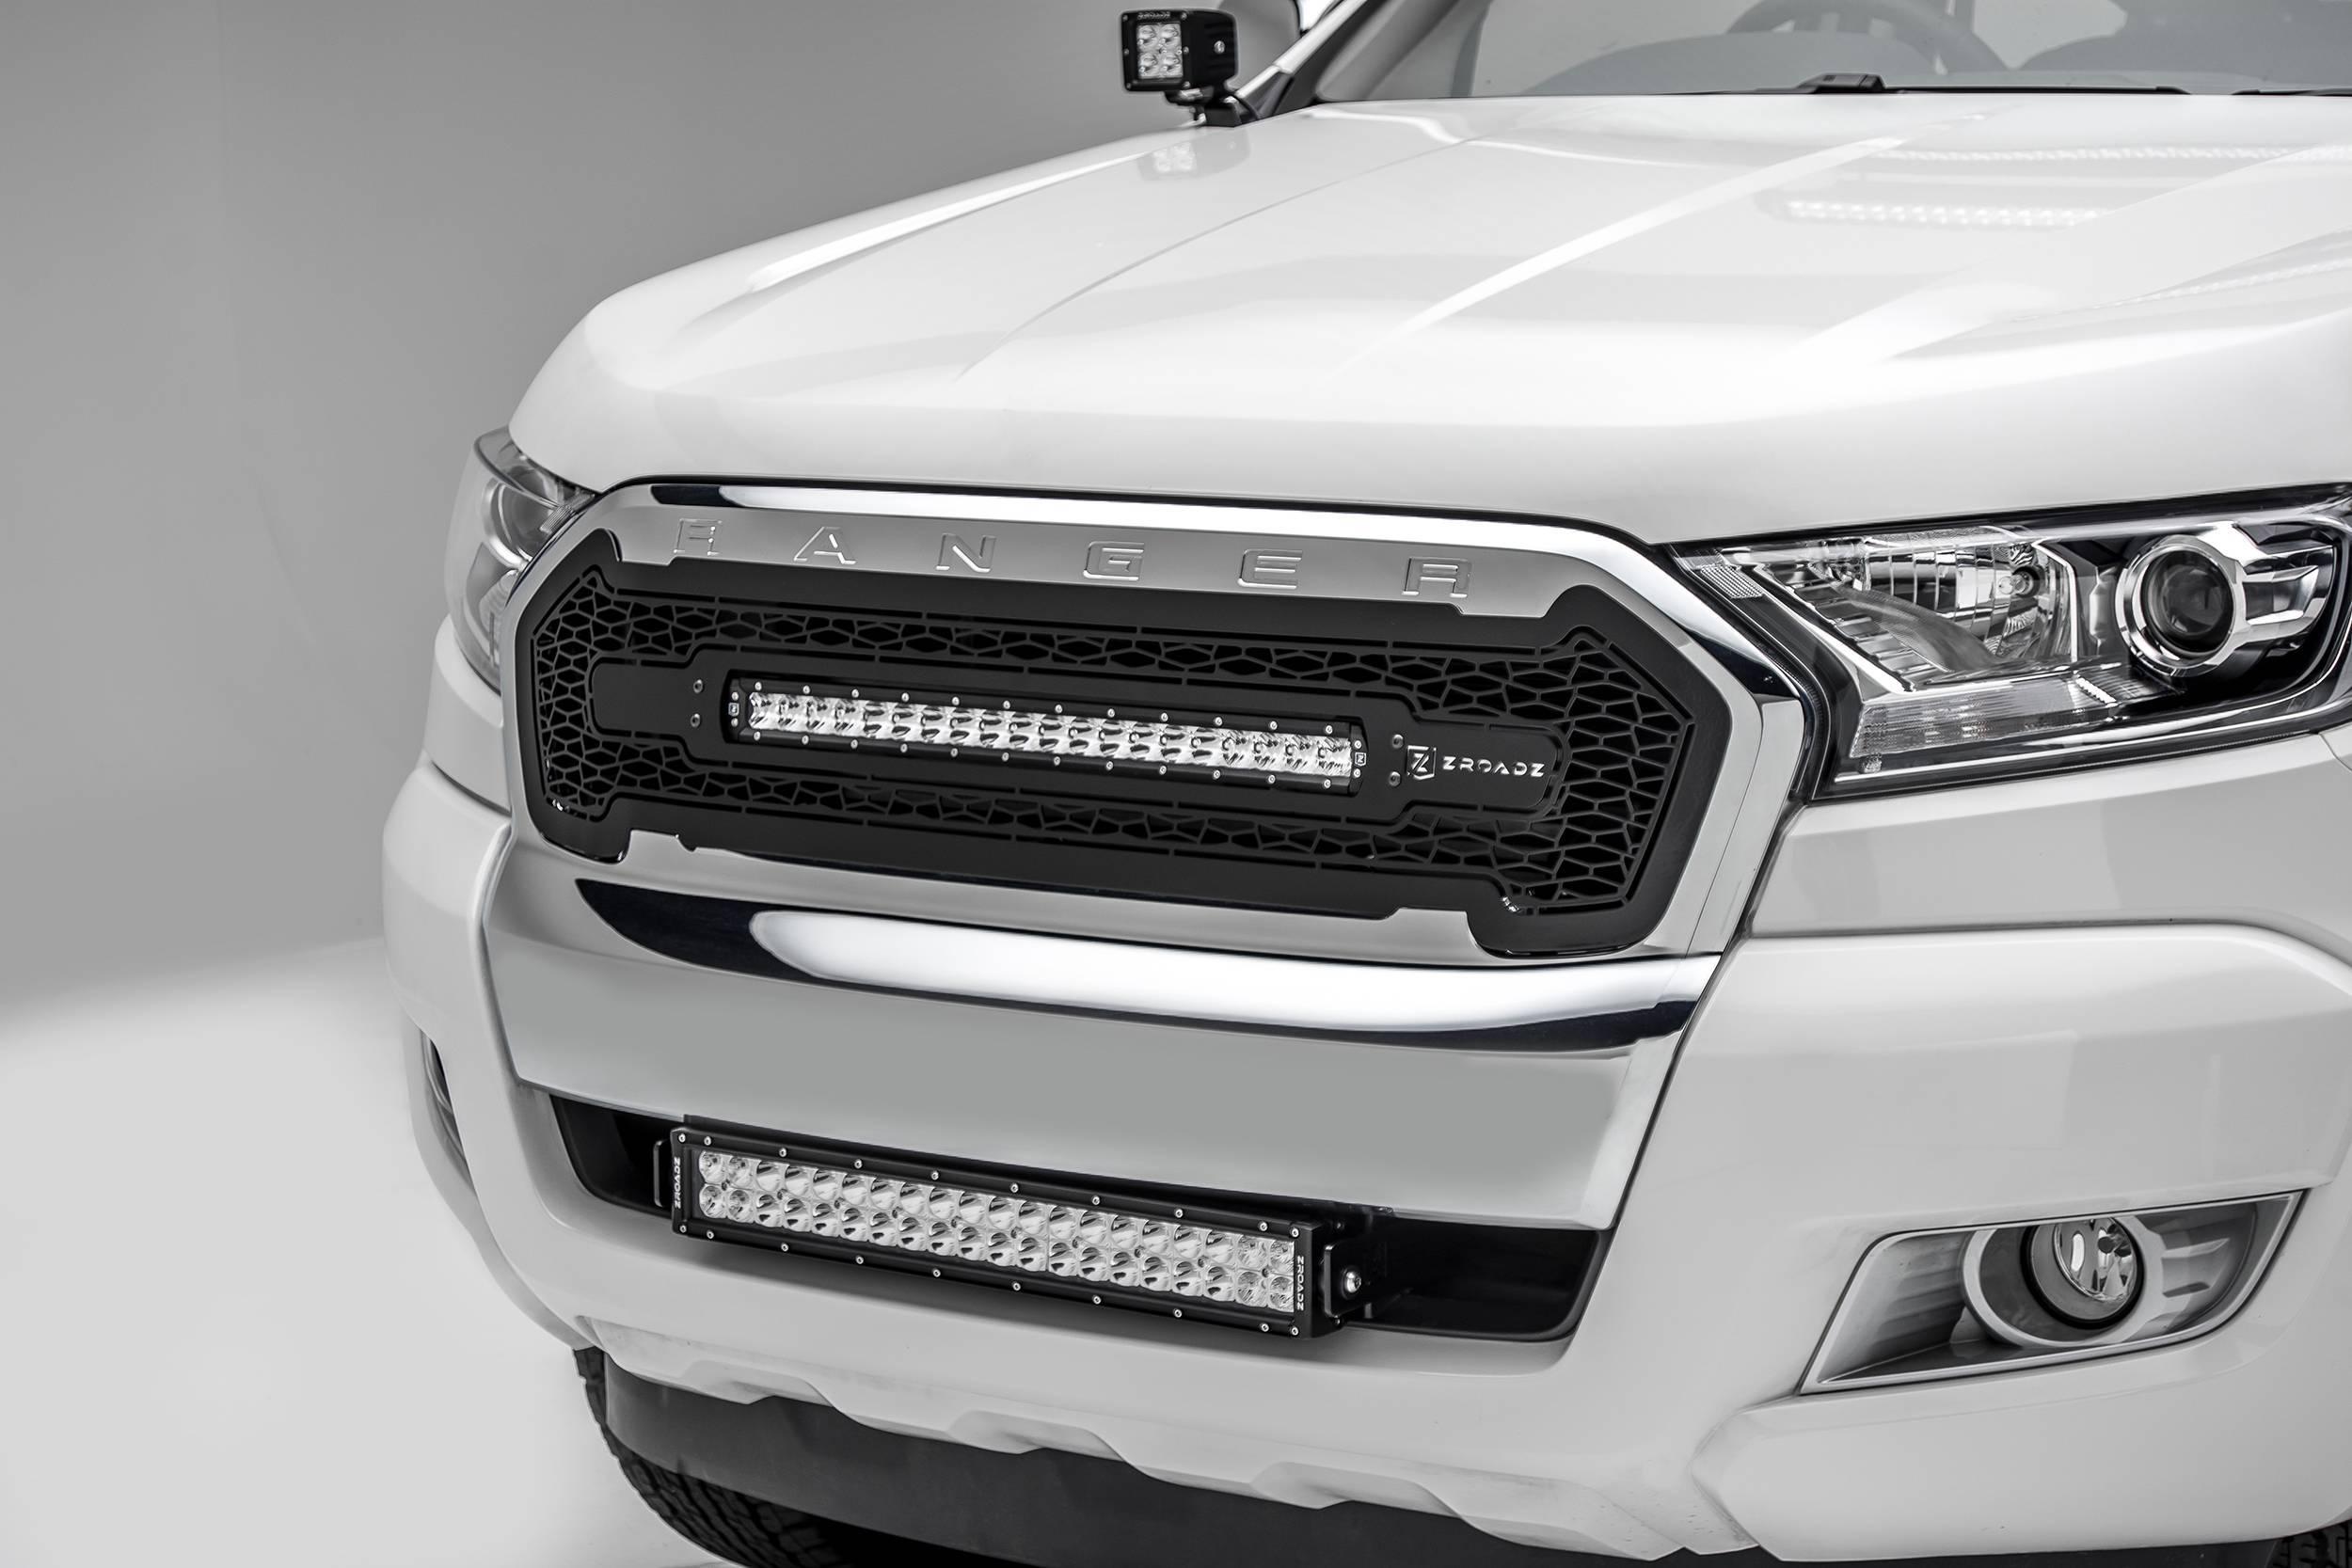 ZROADZ - 2015-2018 Ford Ranger T6 Front Bumper Center LED Bracket to mount 20 Inch LED Light Bar - PN #Z325761